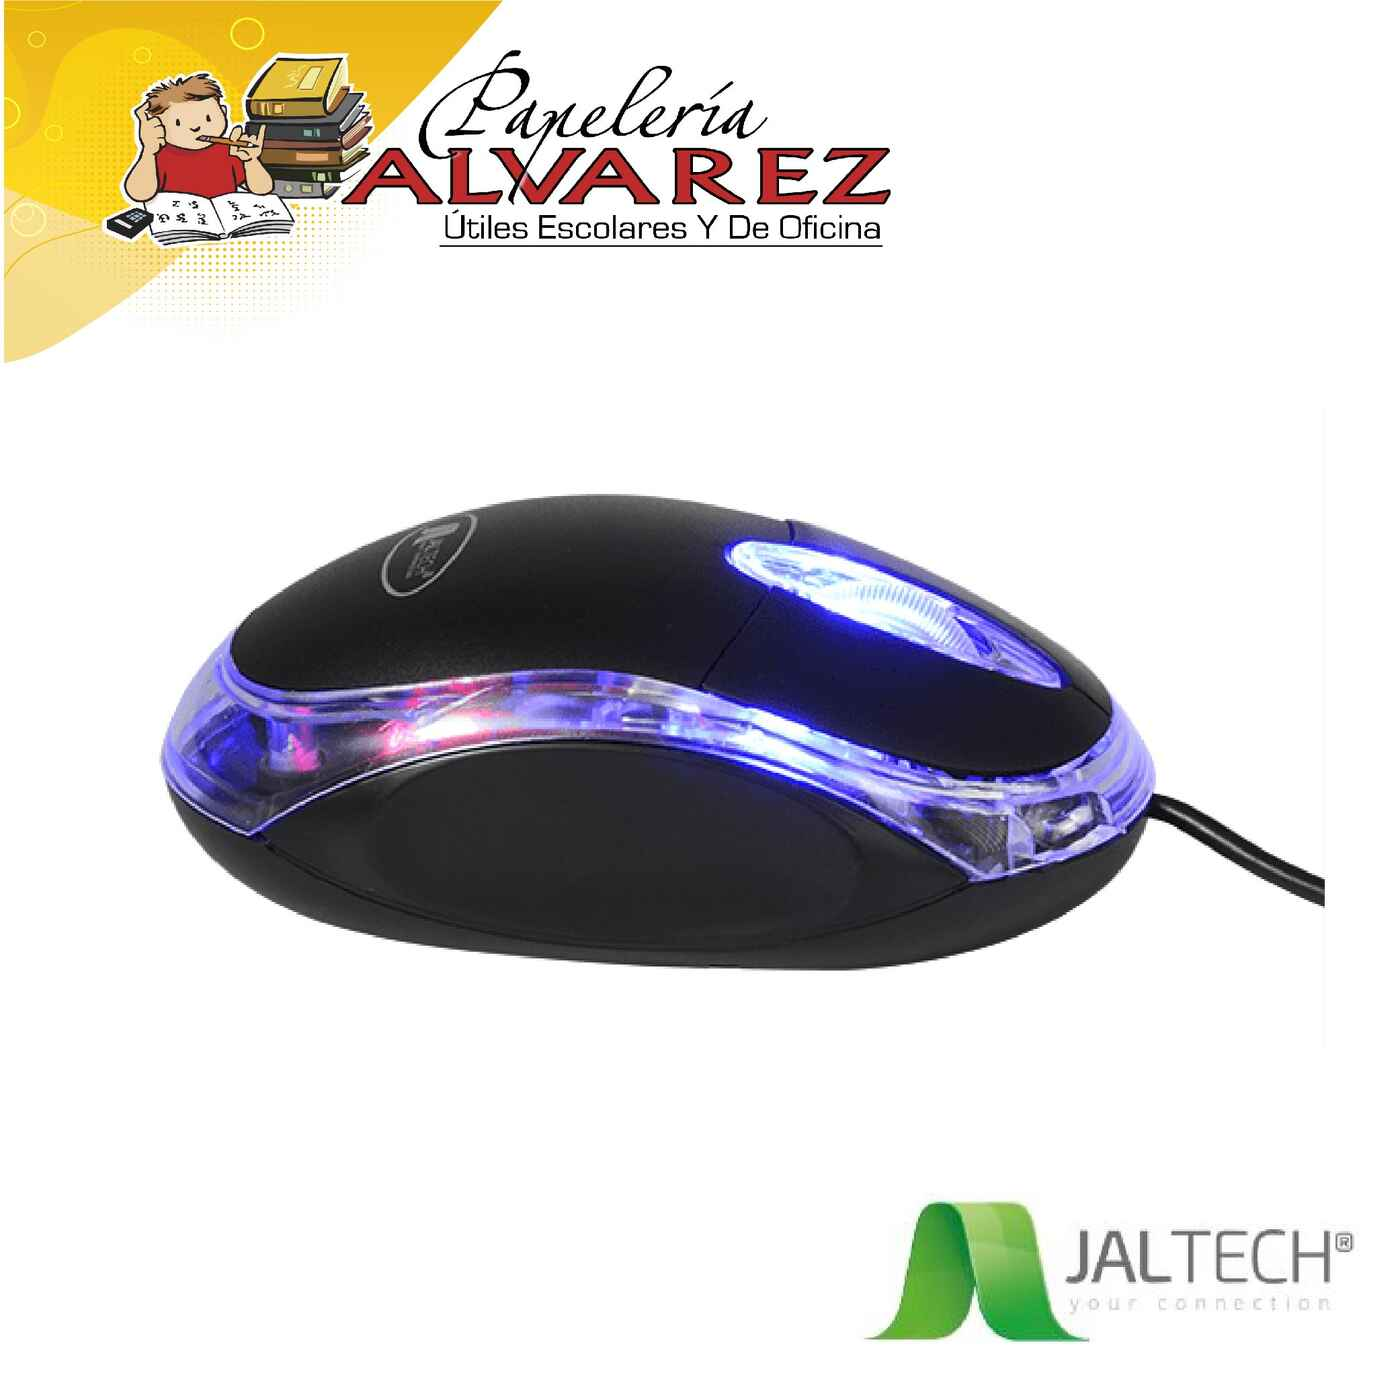 MOUSE MINI JALTECH USB LED BLISTER 706B